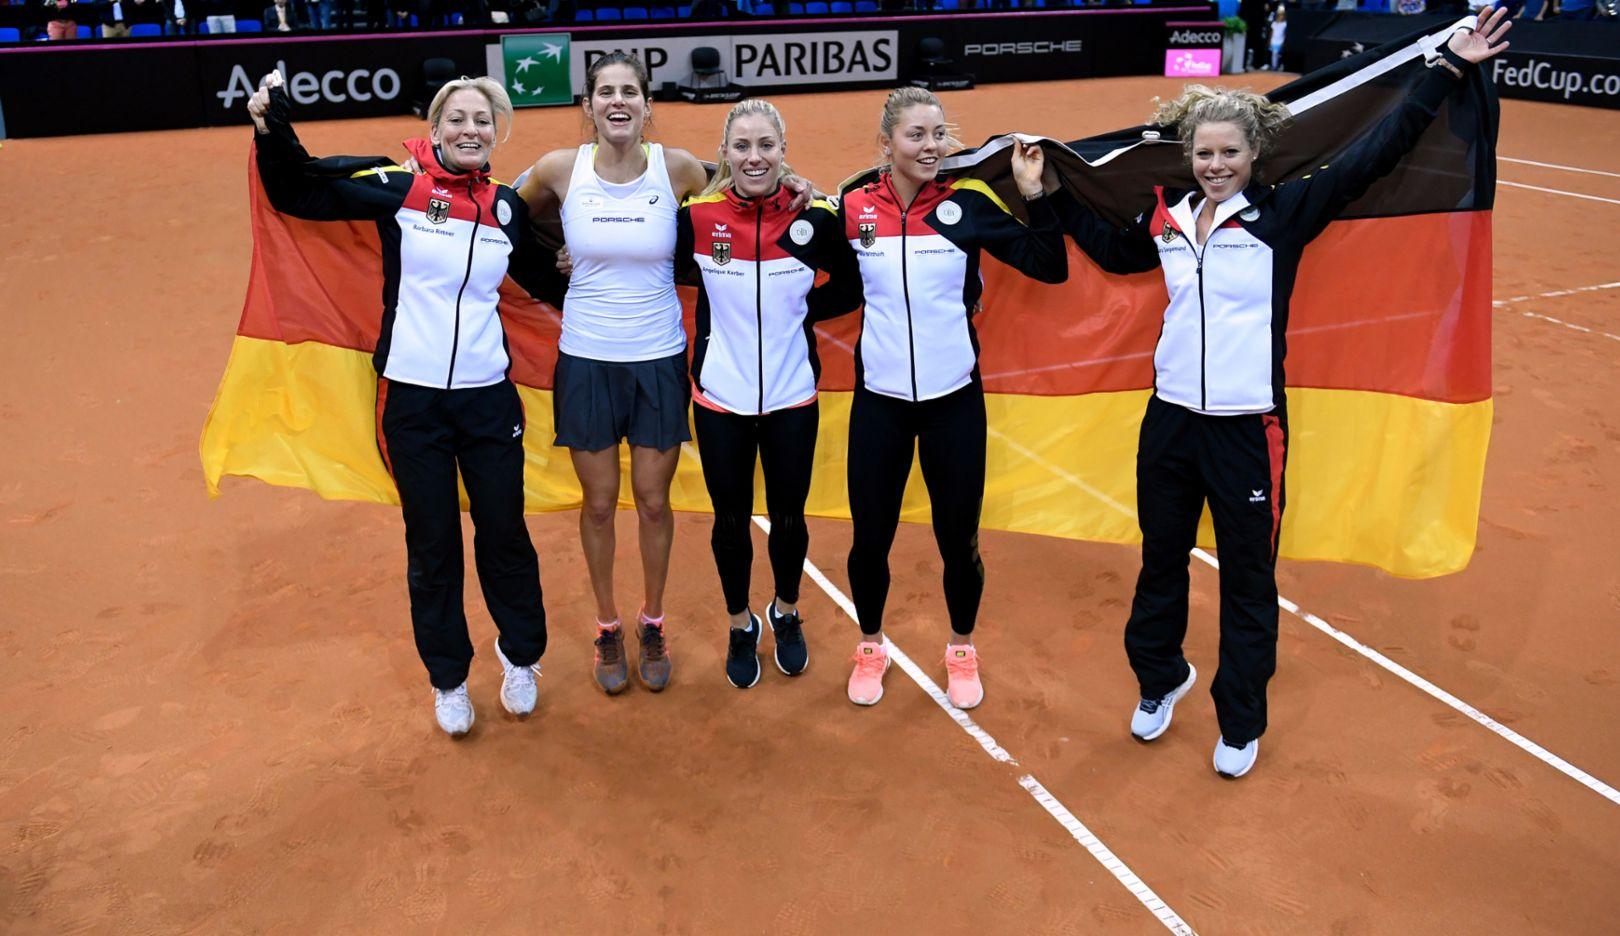 Barbara Rittner, Julia Görges, Angelique Kerber, Carina Witthöft, Laura Siegemund, l-r, Porsche Team Deutschland, Porsche Tennis Grand Prix, Tag 2, Stuttgart, 2017, Porsche AG